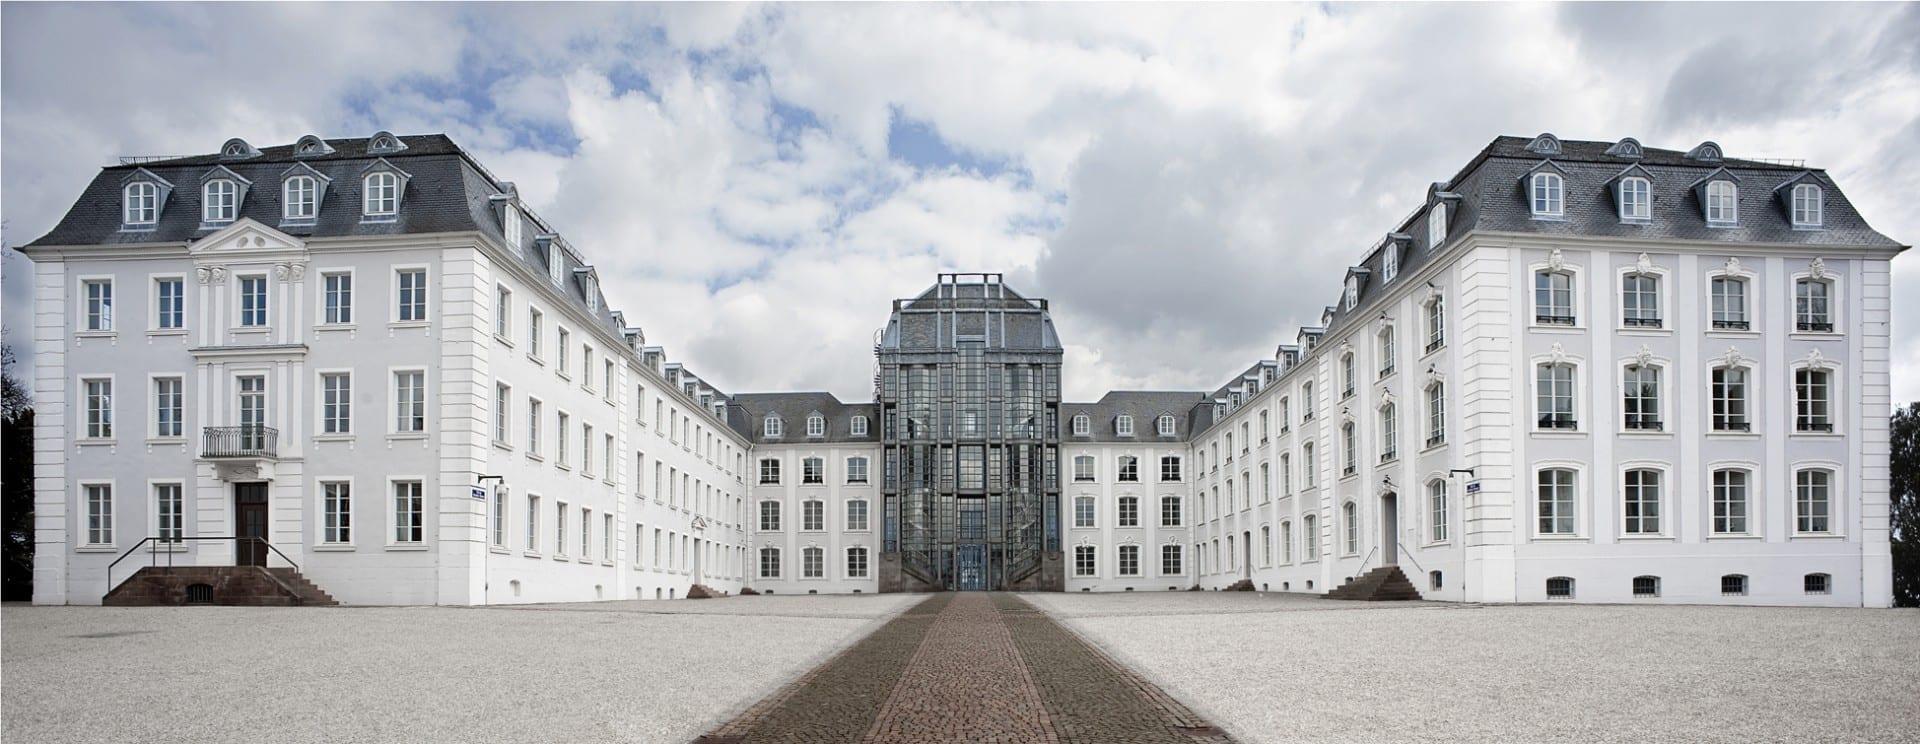 El castillo de Saarbrücken Sarrebruck Alemania